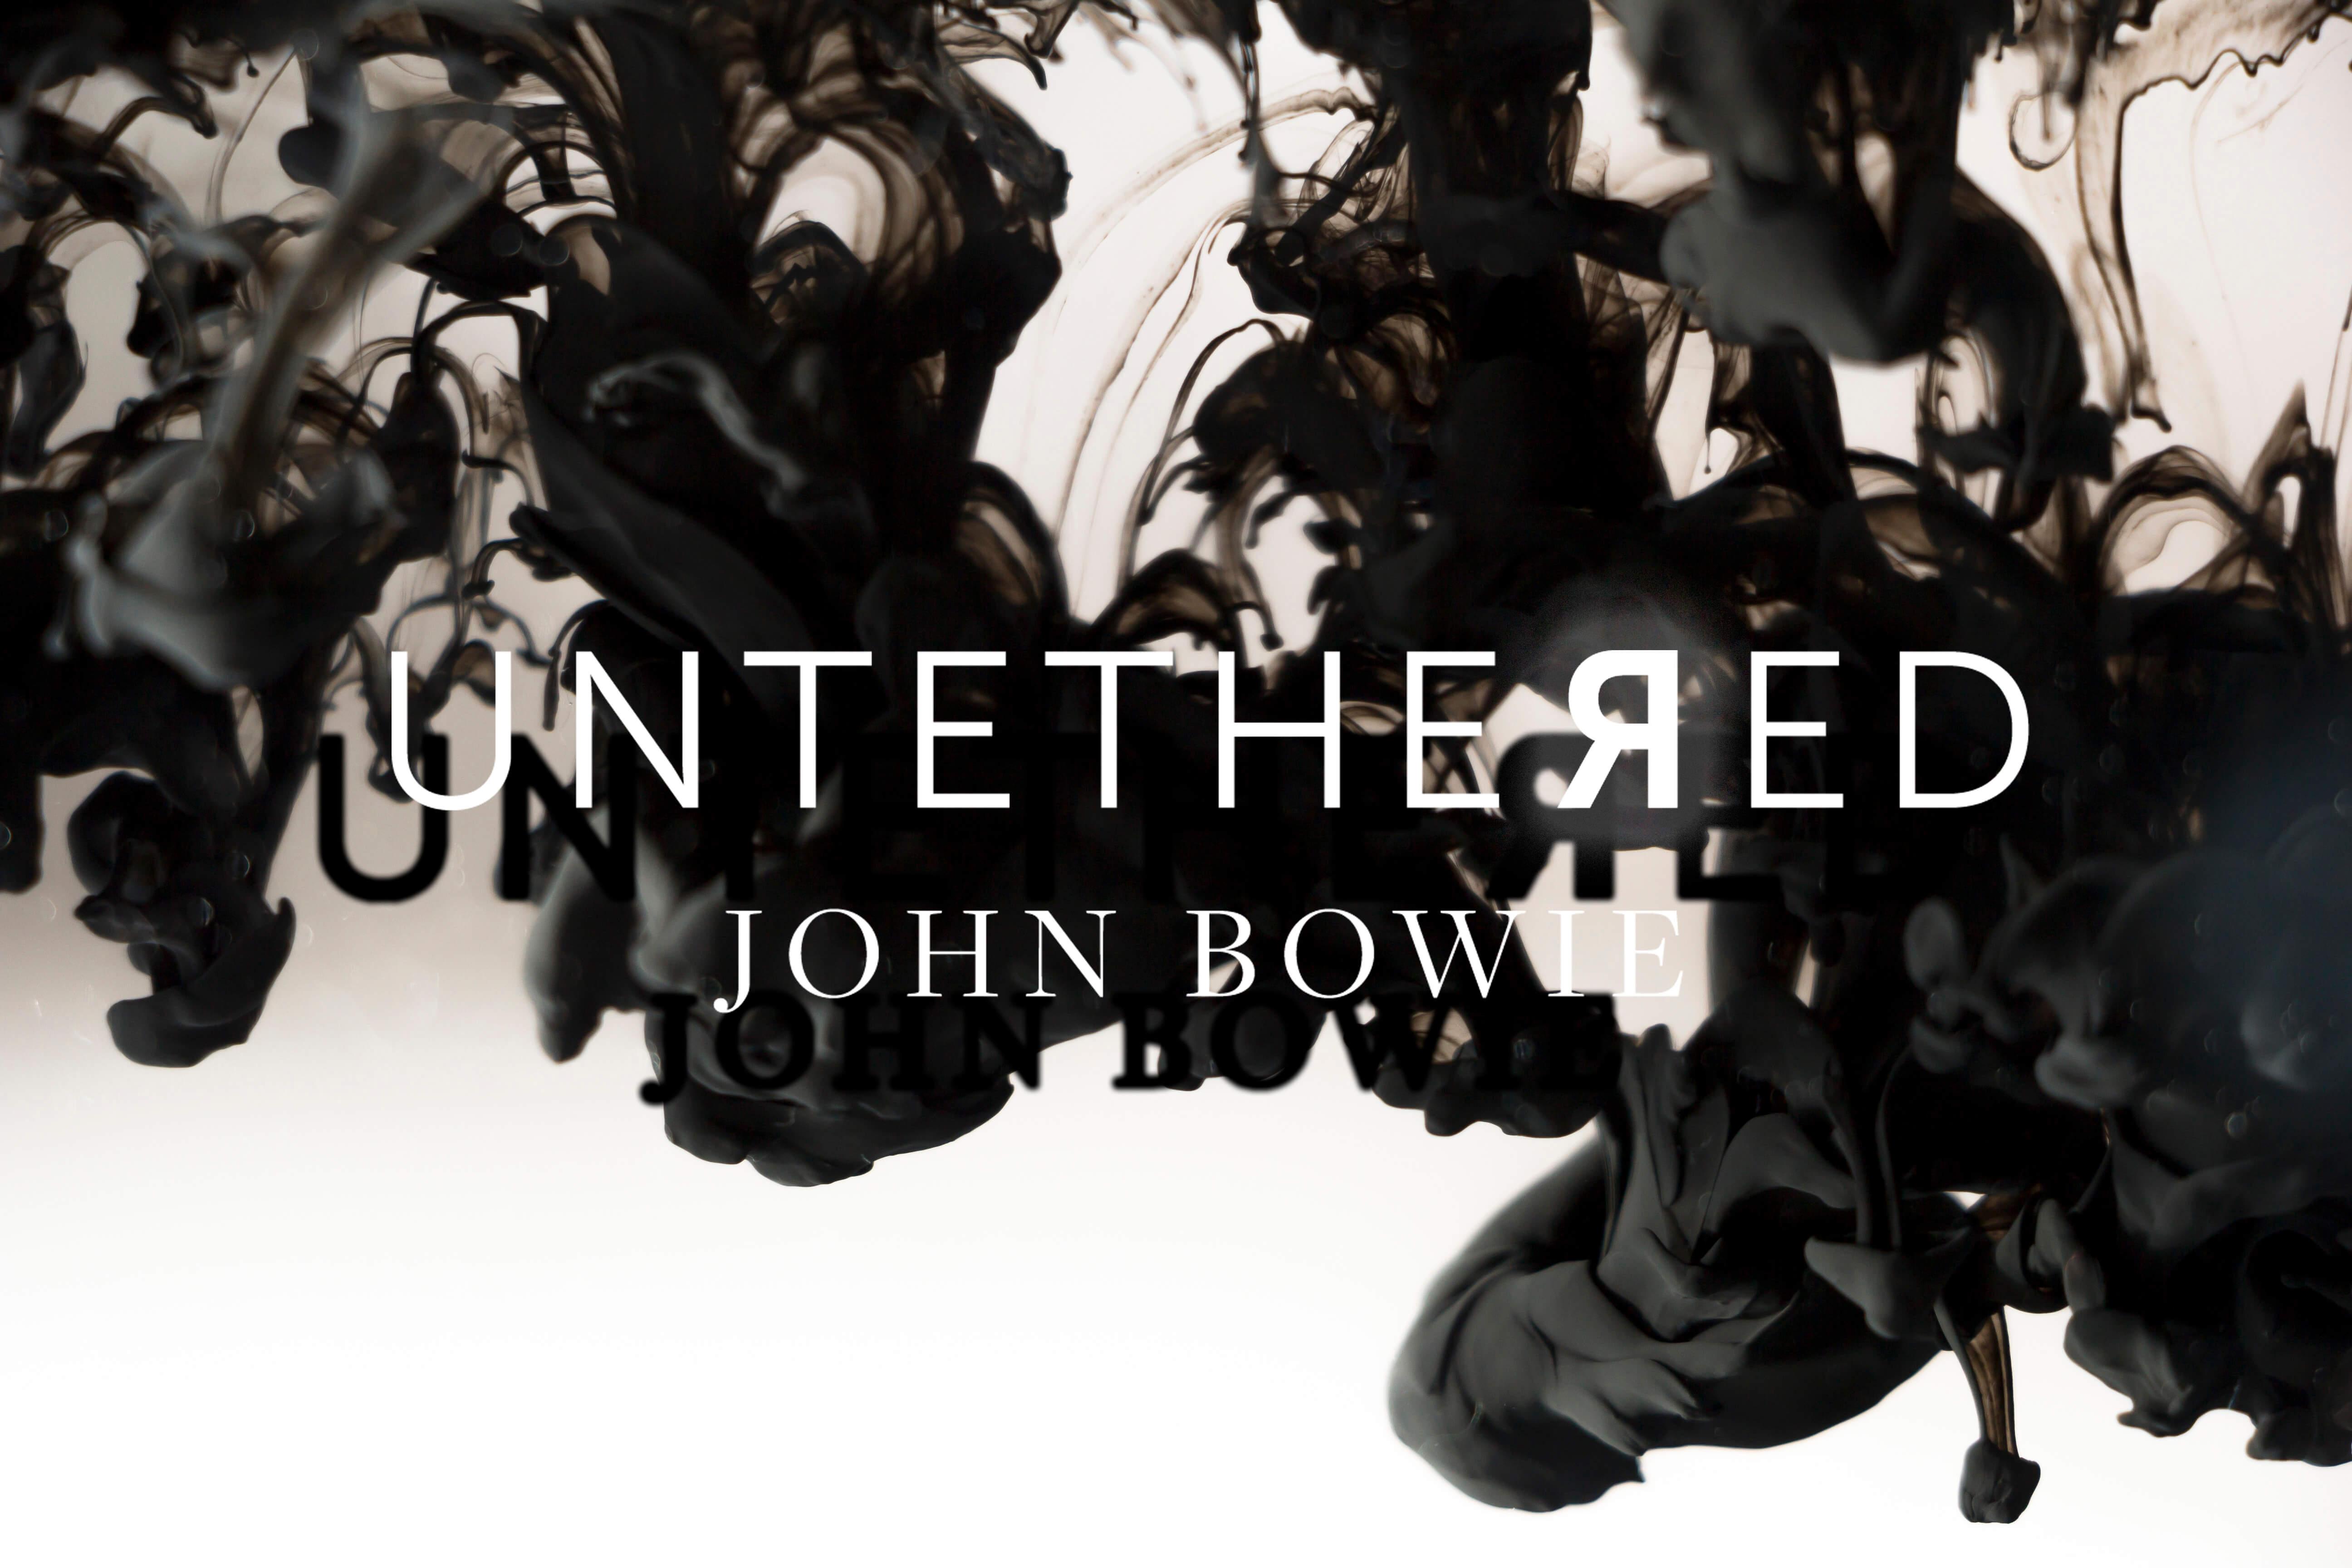 UNTETHEЯED by John Bowie